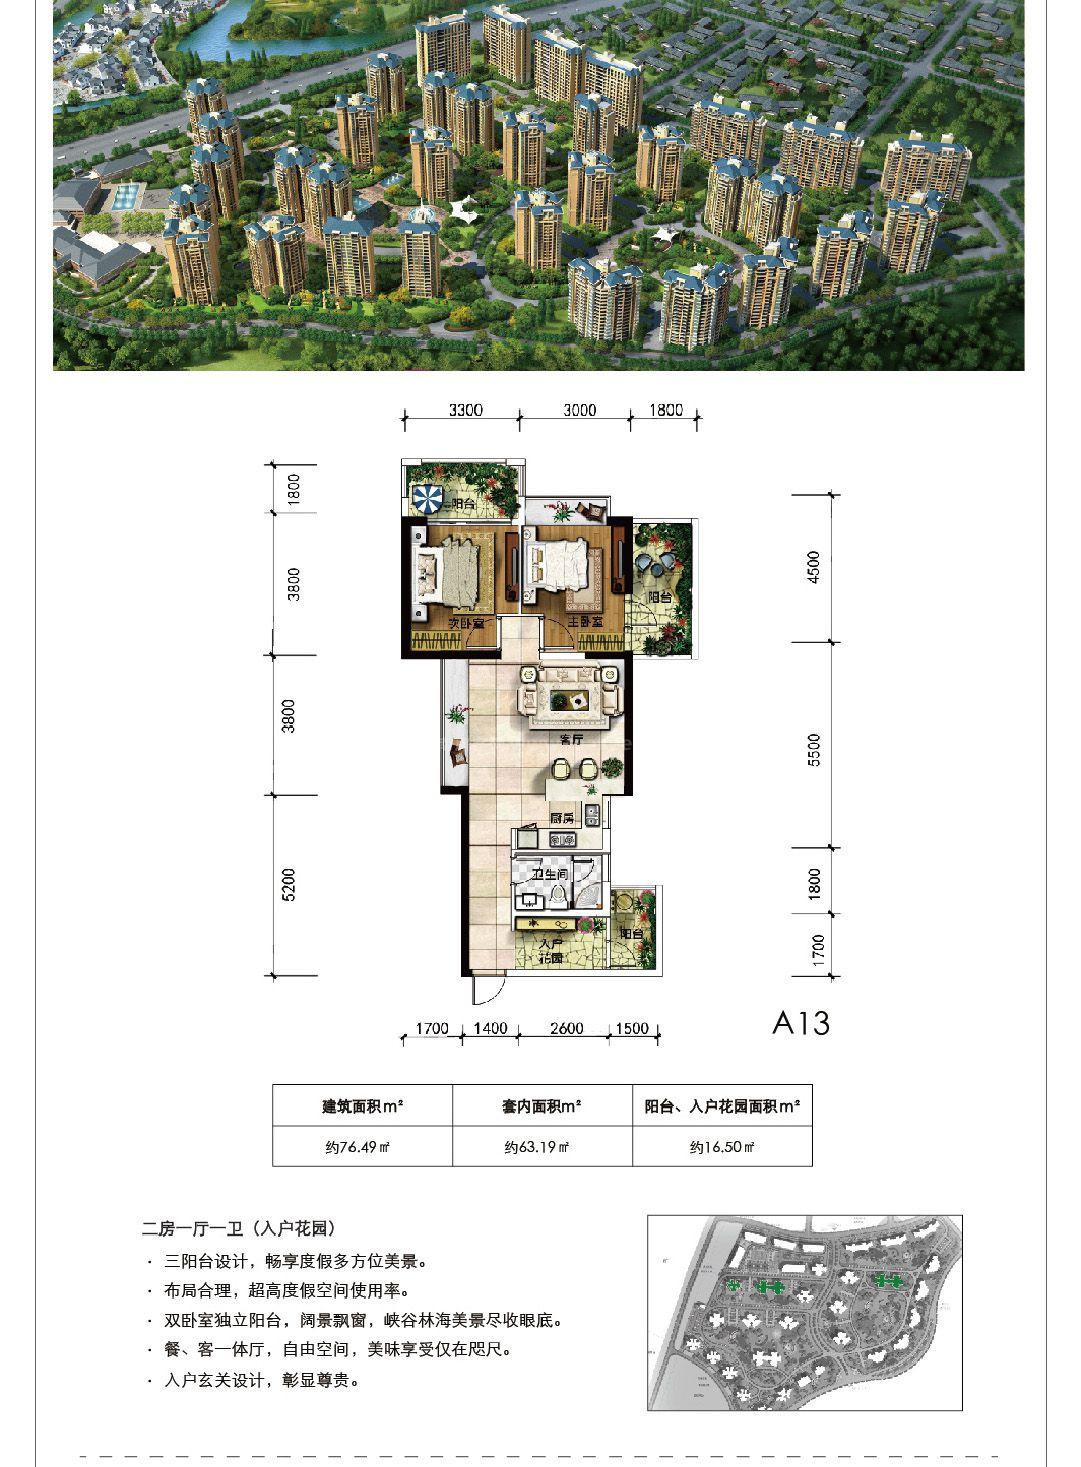 山居高黎洋房A13户型 2室1厅1卫1厨 建筑面积:76.49㎡